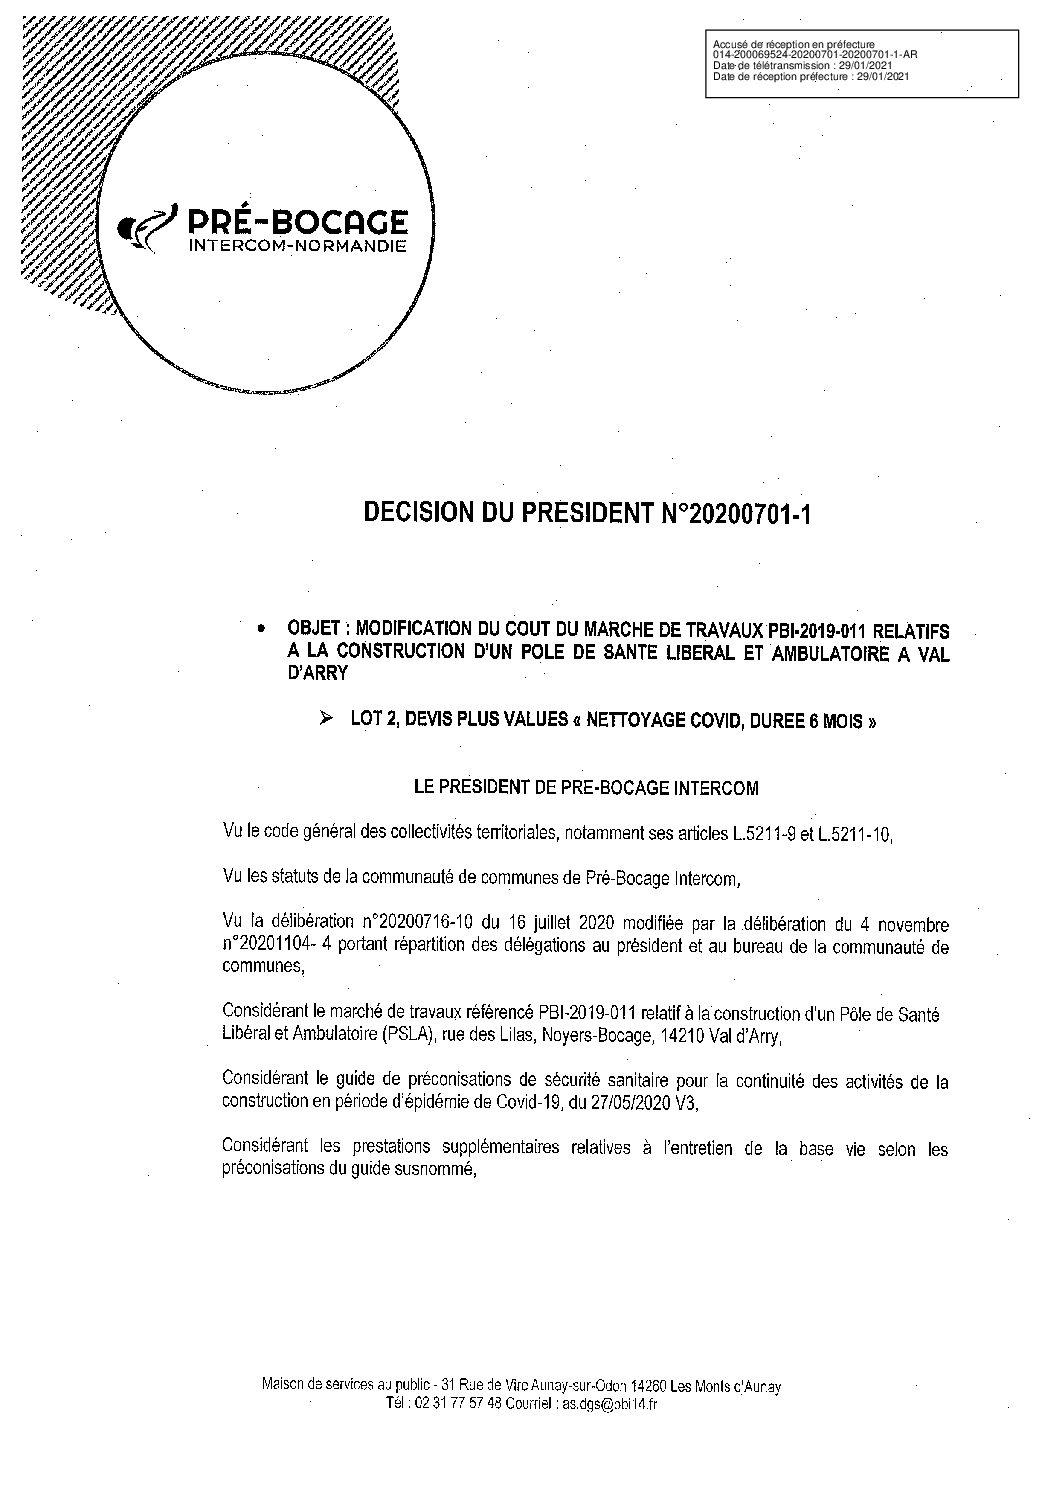 Décision déléguée du 1er juillet 2020